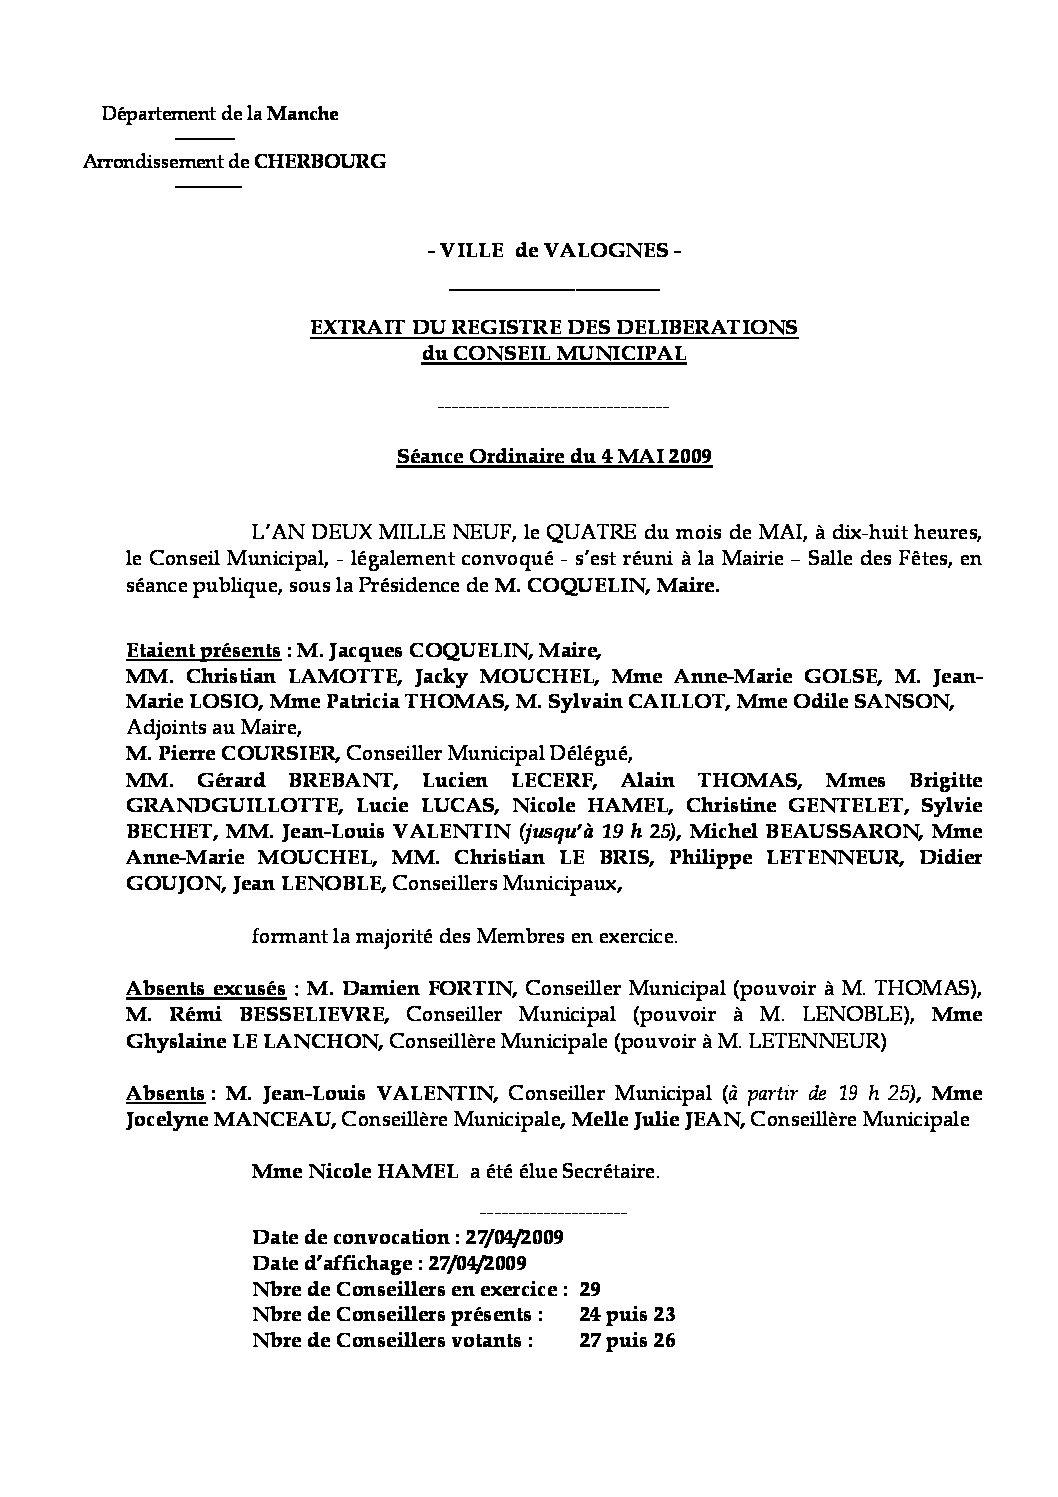 Extrait du registre des délibérations du 04-05-2009 - Compte rendu des questions soumises à délibération lors de la séance du Conseil Municipal du 4 mai 2009.